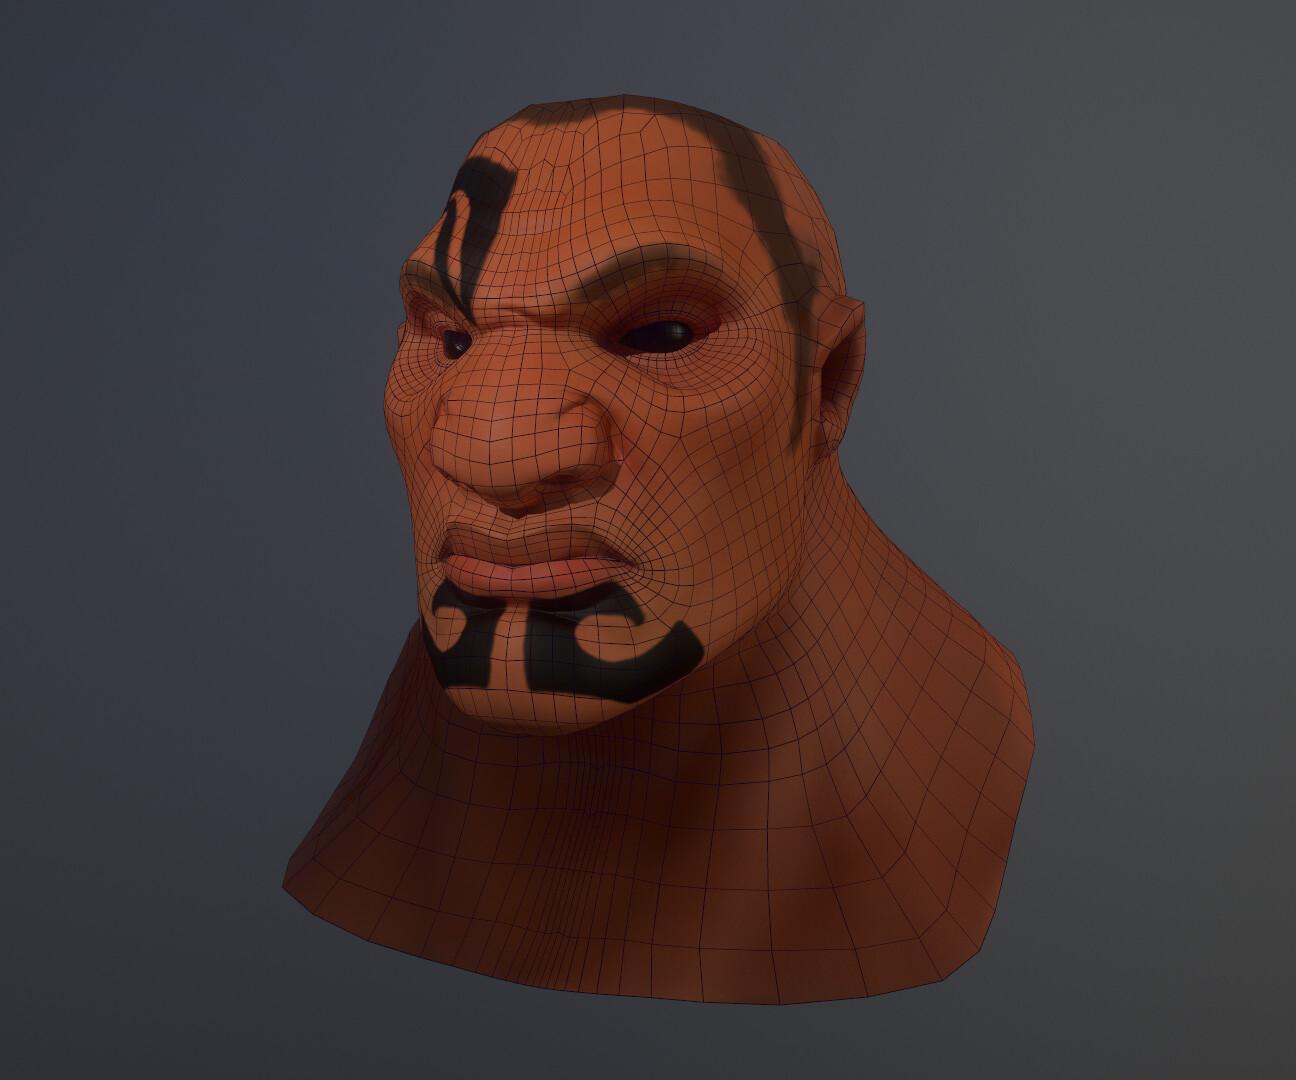 8K bust of Rau in Marmoset